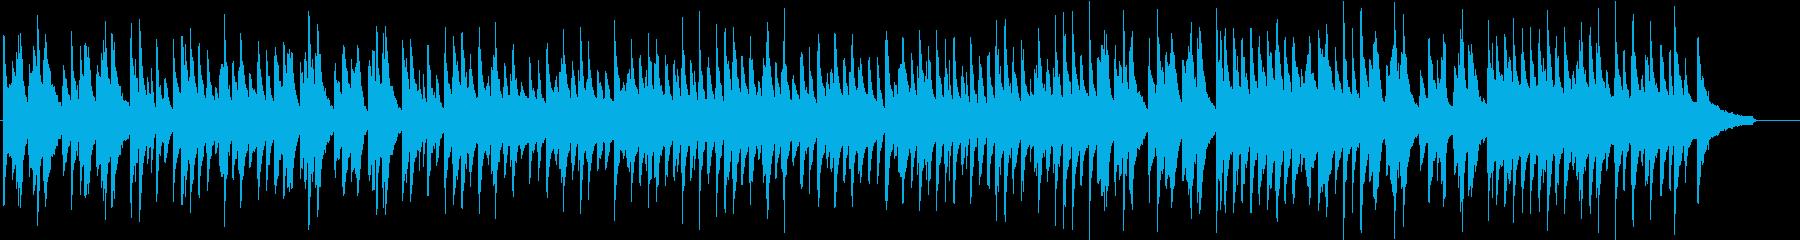 結婚式入場をイメージしたピアノソロBGMの再生済みの波形